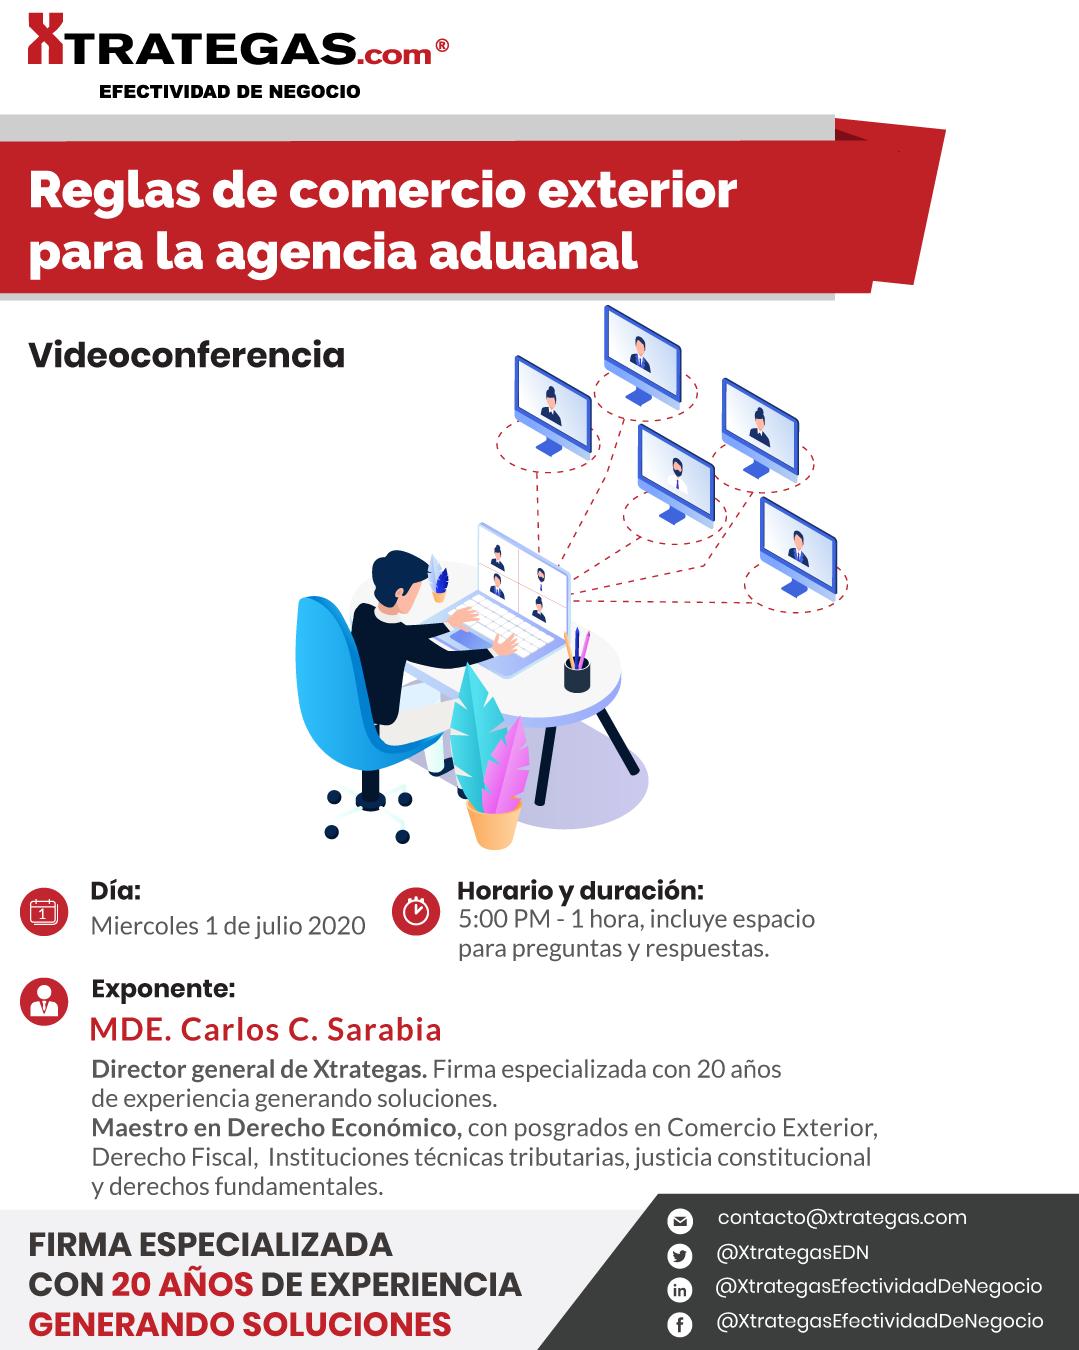 reglas-de-comercio-exterior-videoconferencia-xtrategas-efectividad-de-negocio